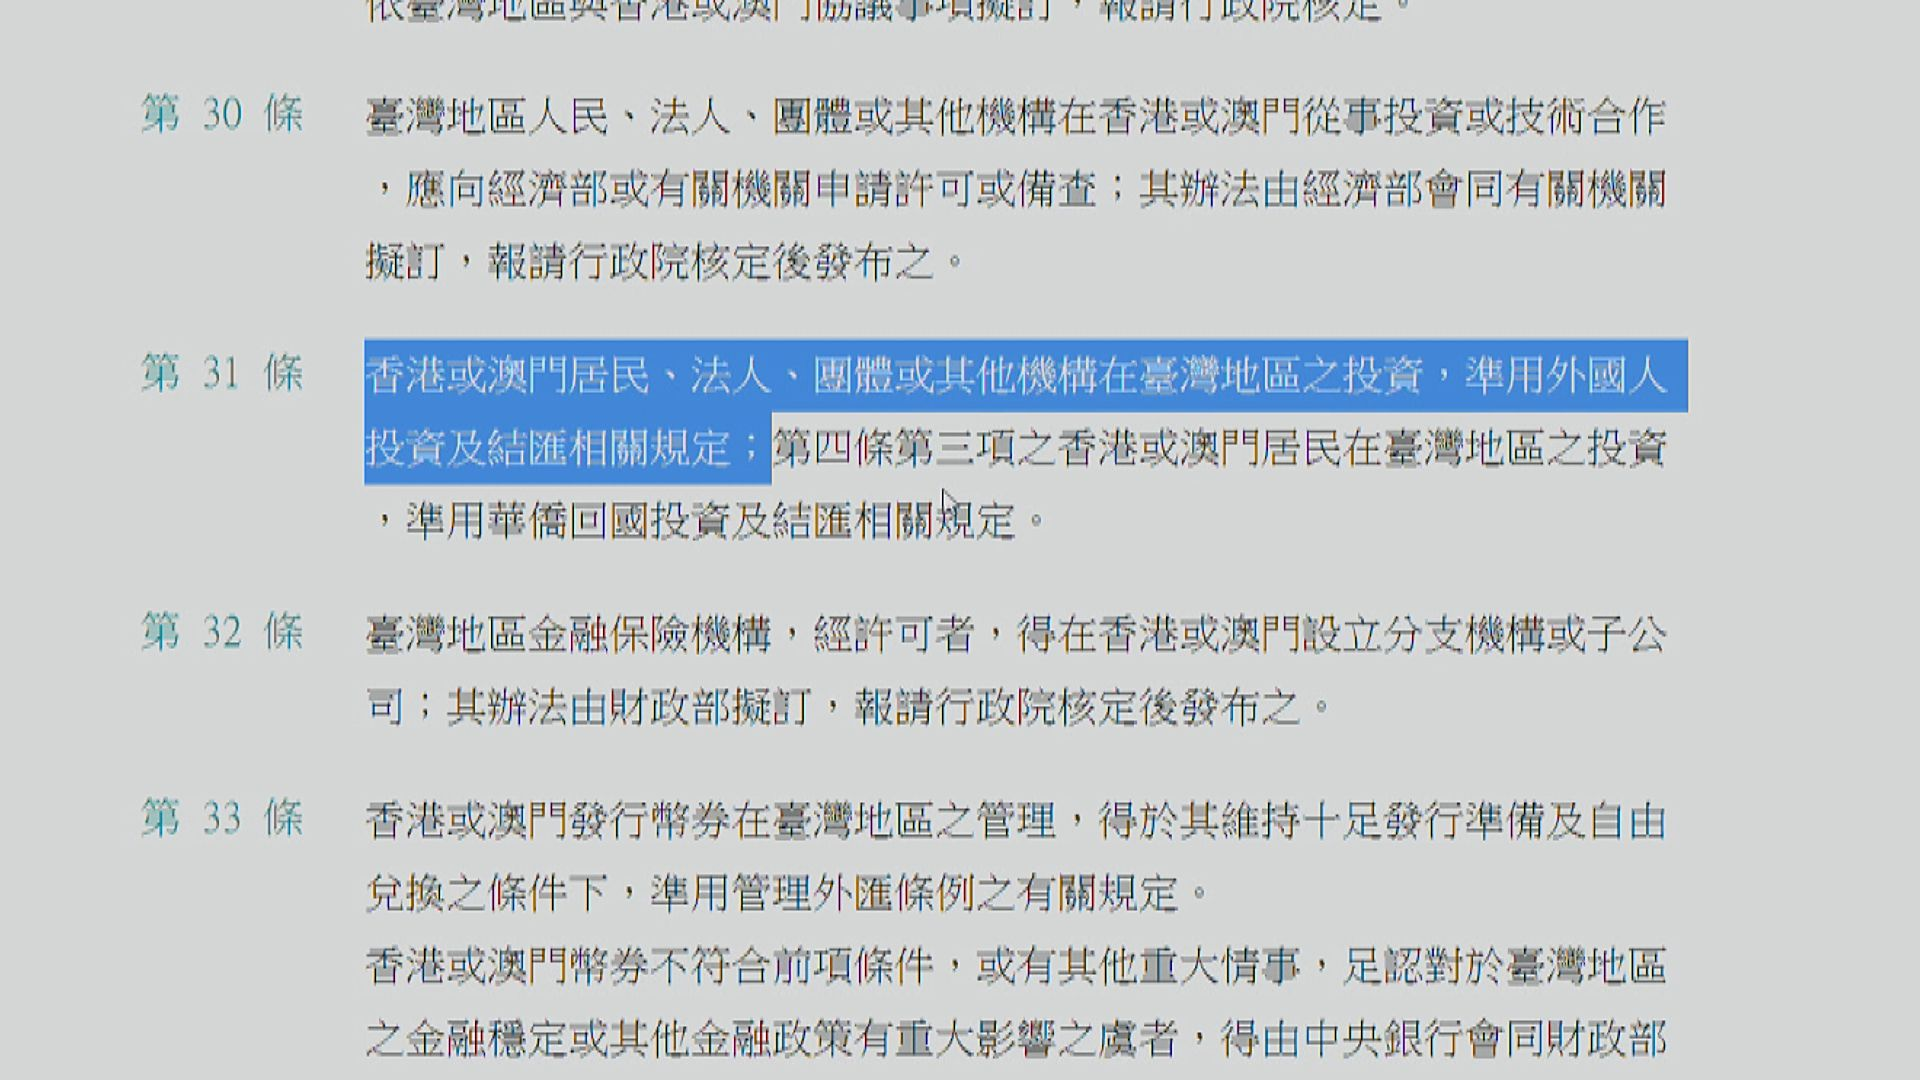 許智峯:停發薪津沒法律基礎 辦事處無停止運作